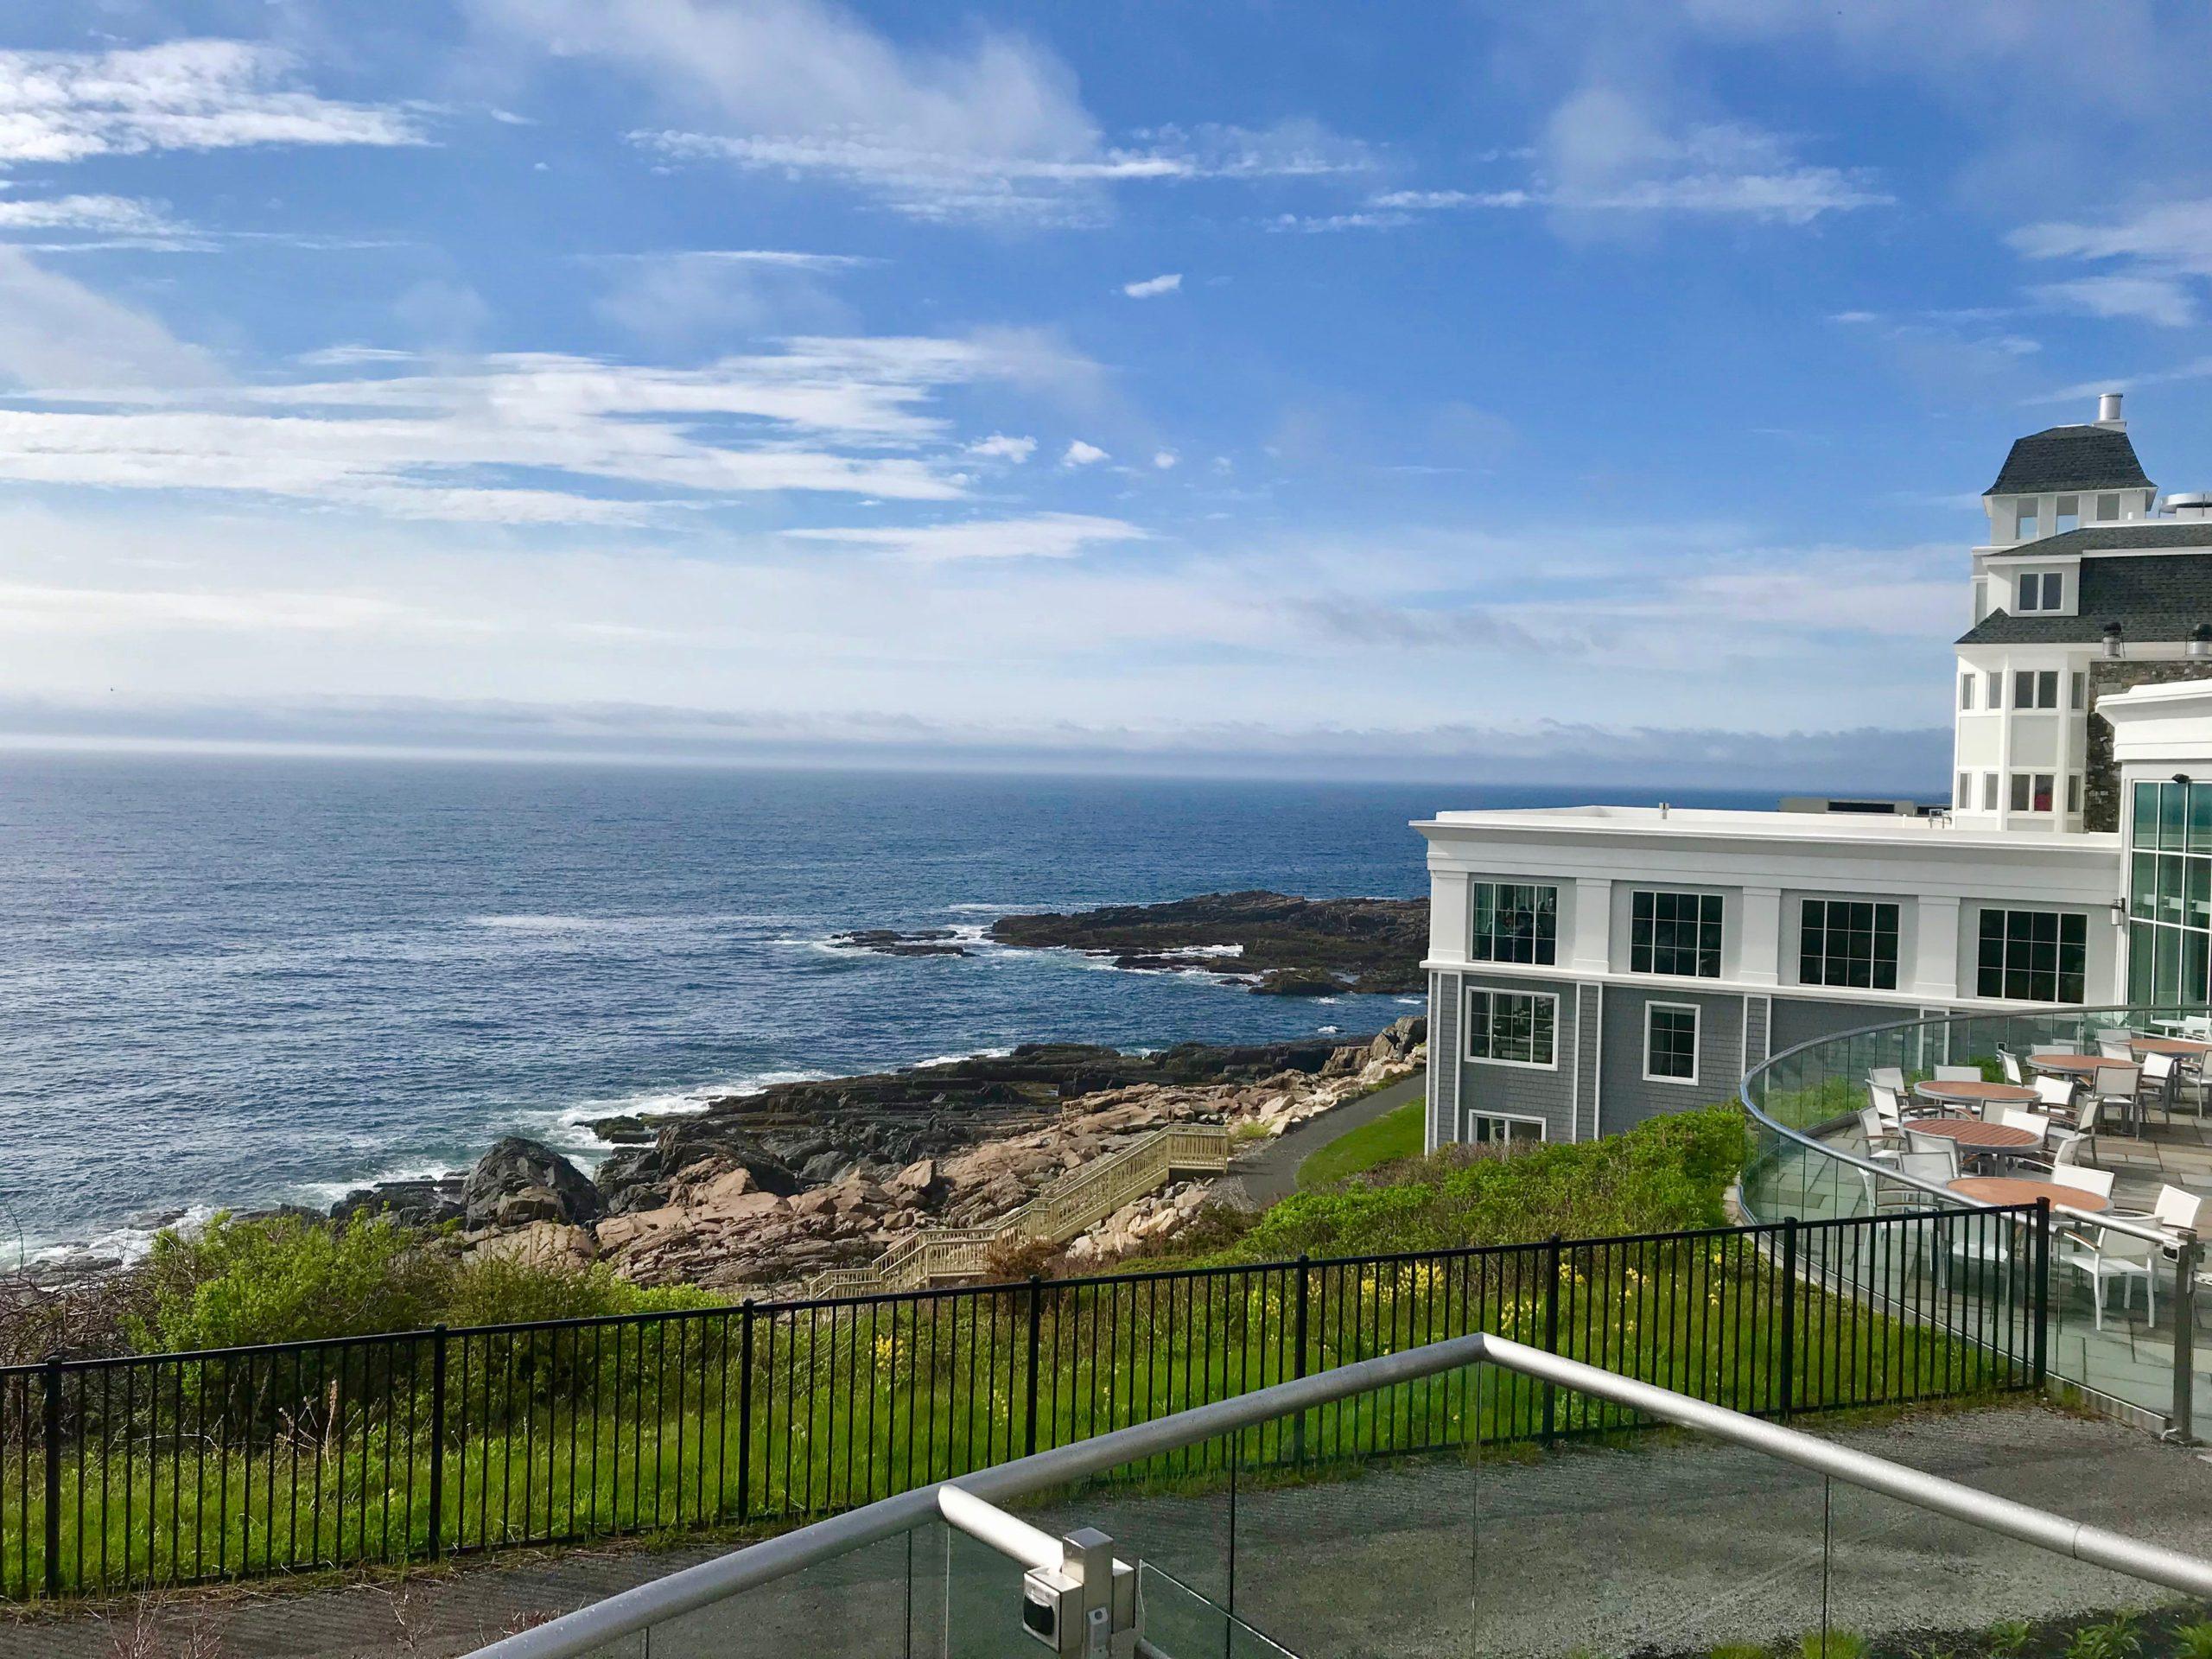 ogunquit mer cliff house